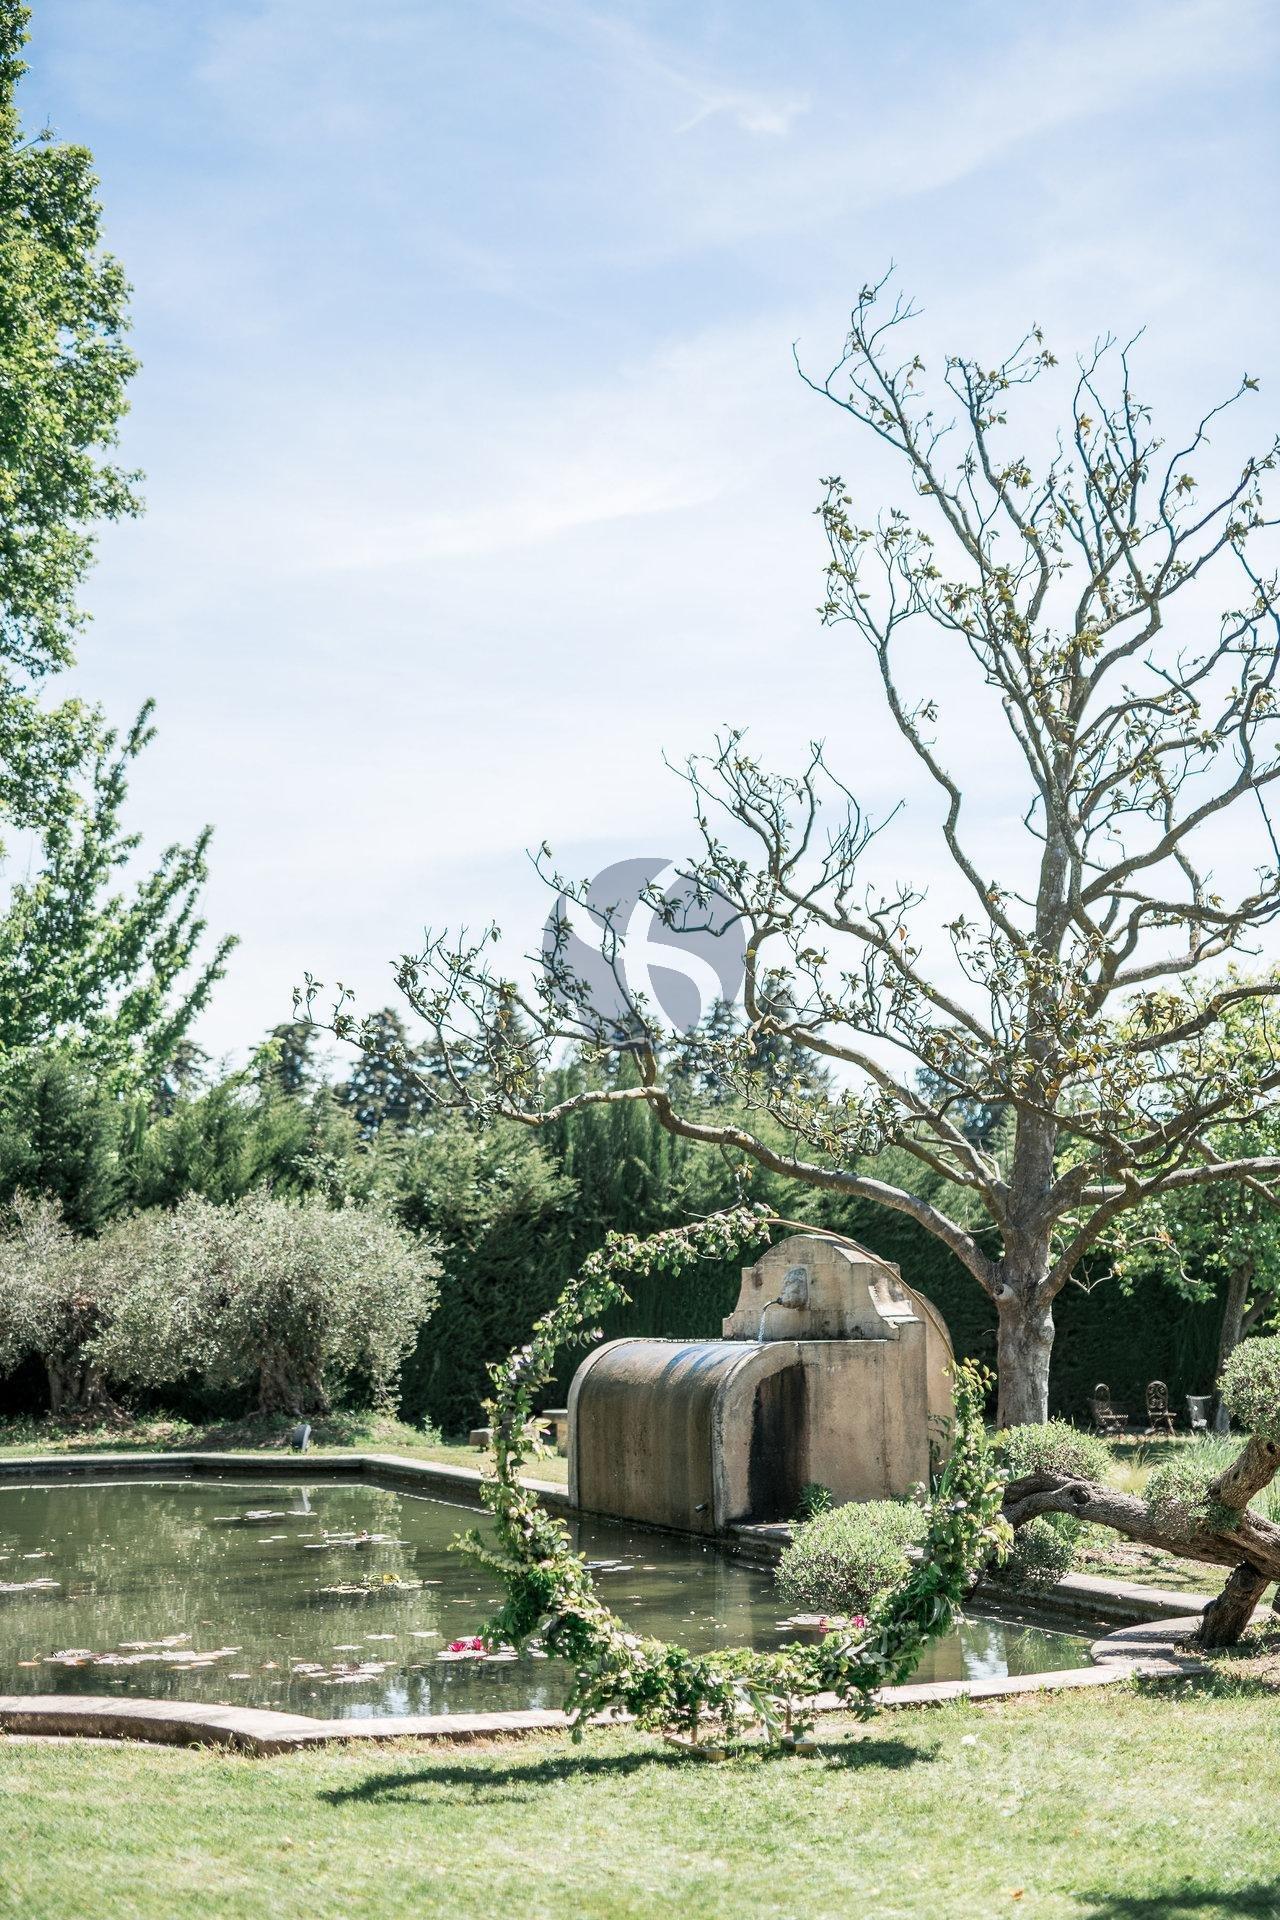 Exceptionnal property close to Maussane les ALpilles